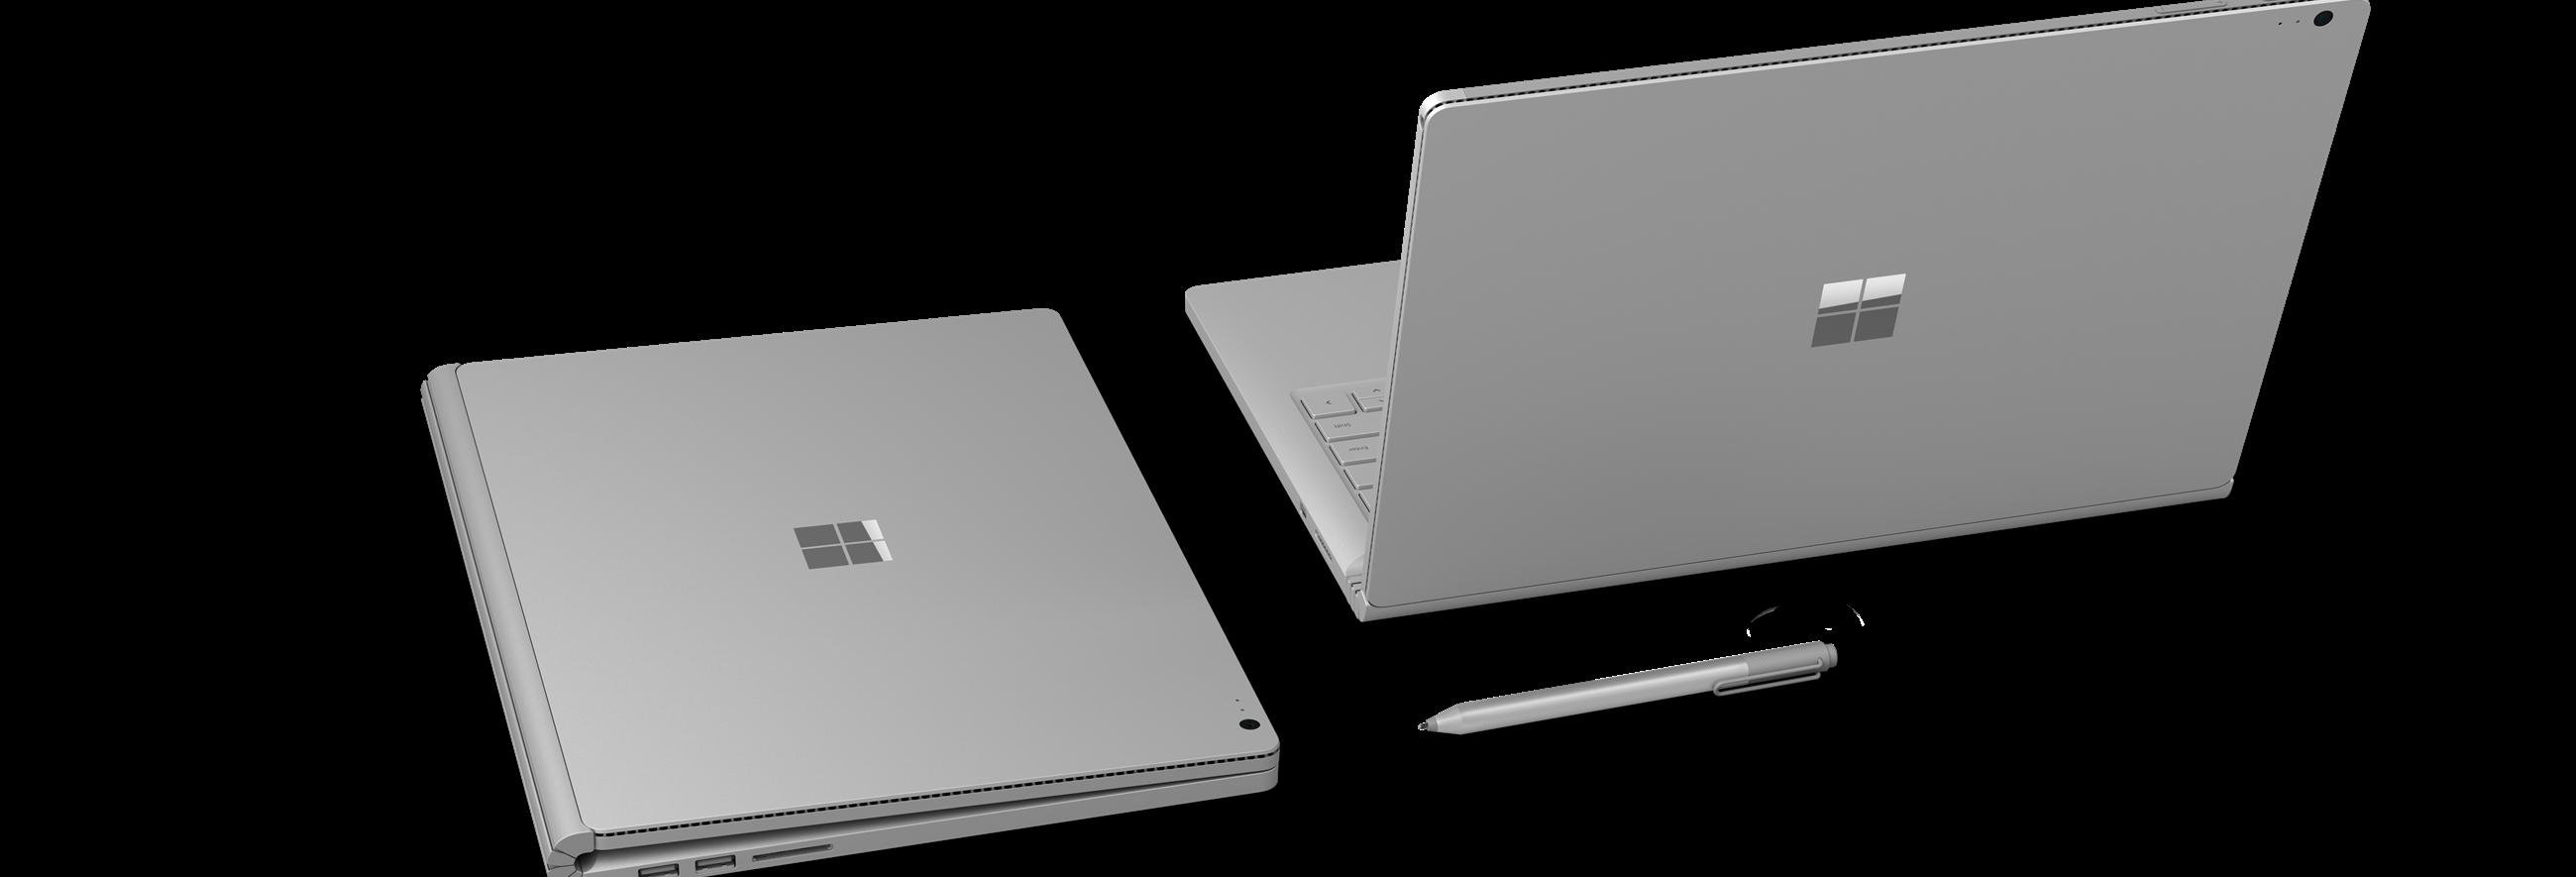 bandeau Microsoft Surface Book i7 : toujours plus de puissance